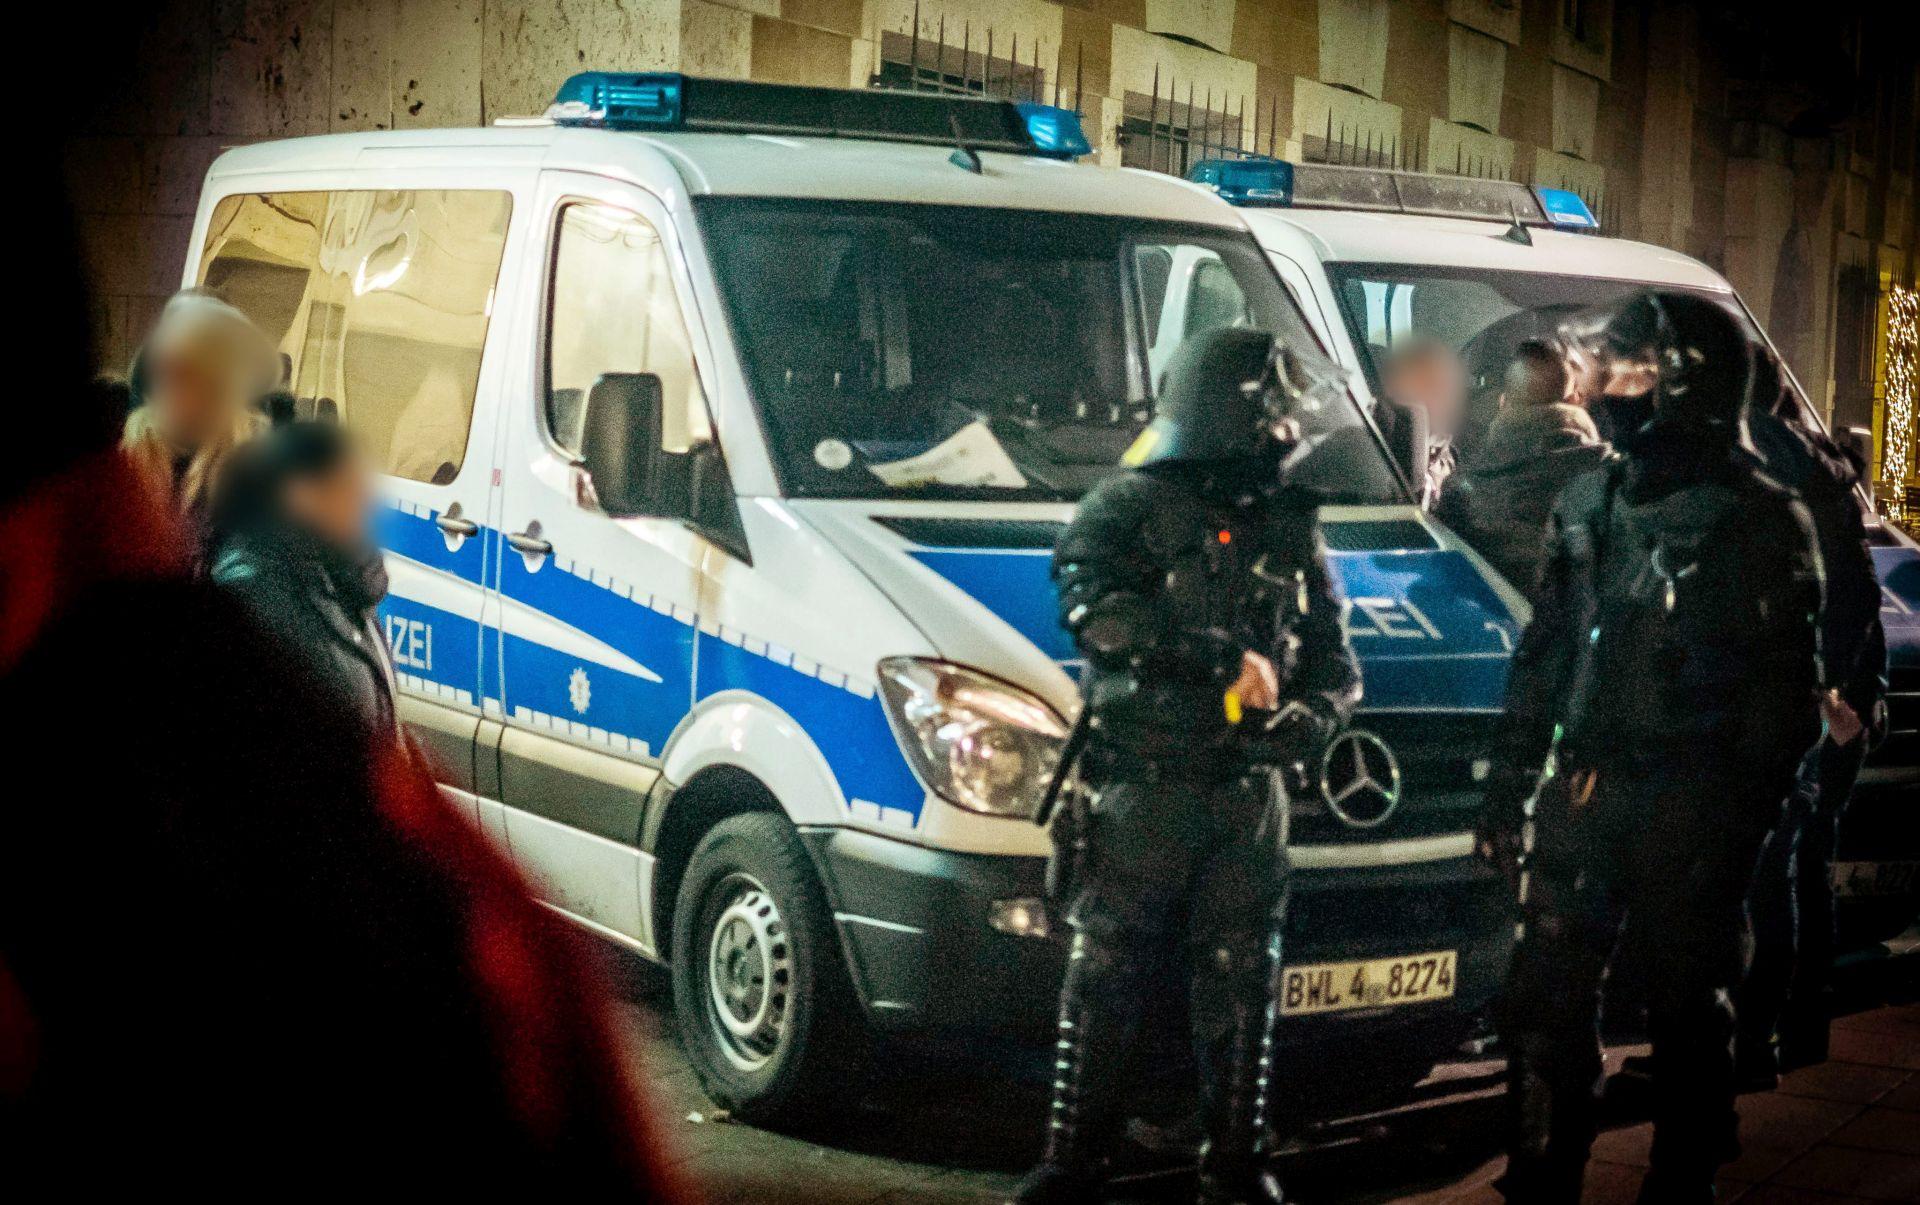 KARNEVAL U KOELN-U: Policija najavila stroge sigurnosne mjere